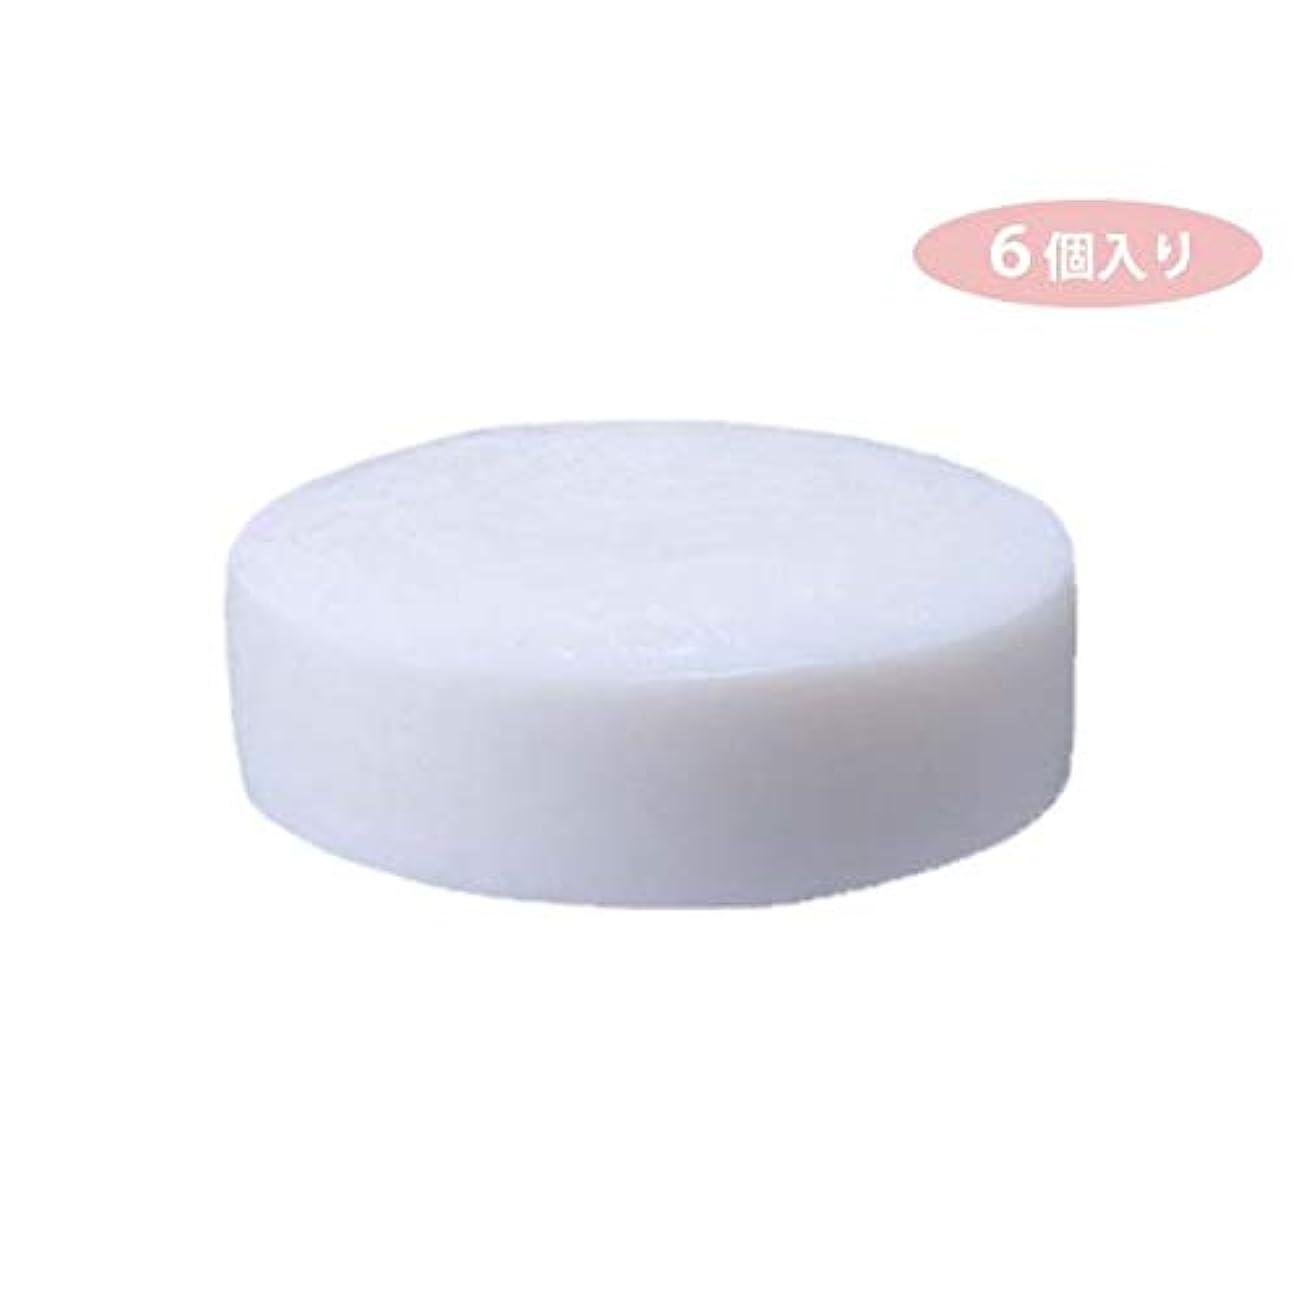 飢え達成可能備品CBH-S 6個入り 敏感なお肌のための化粧石鹸